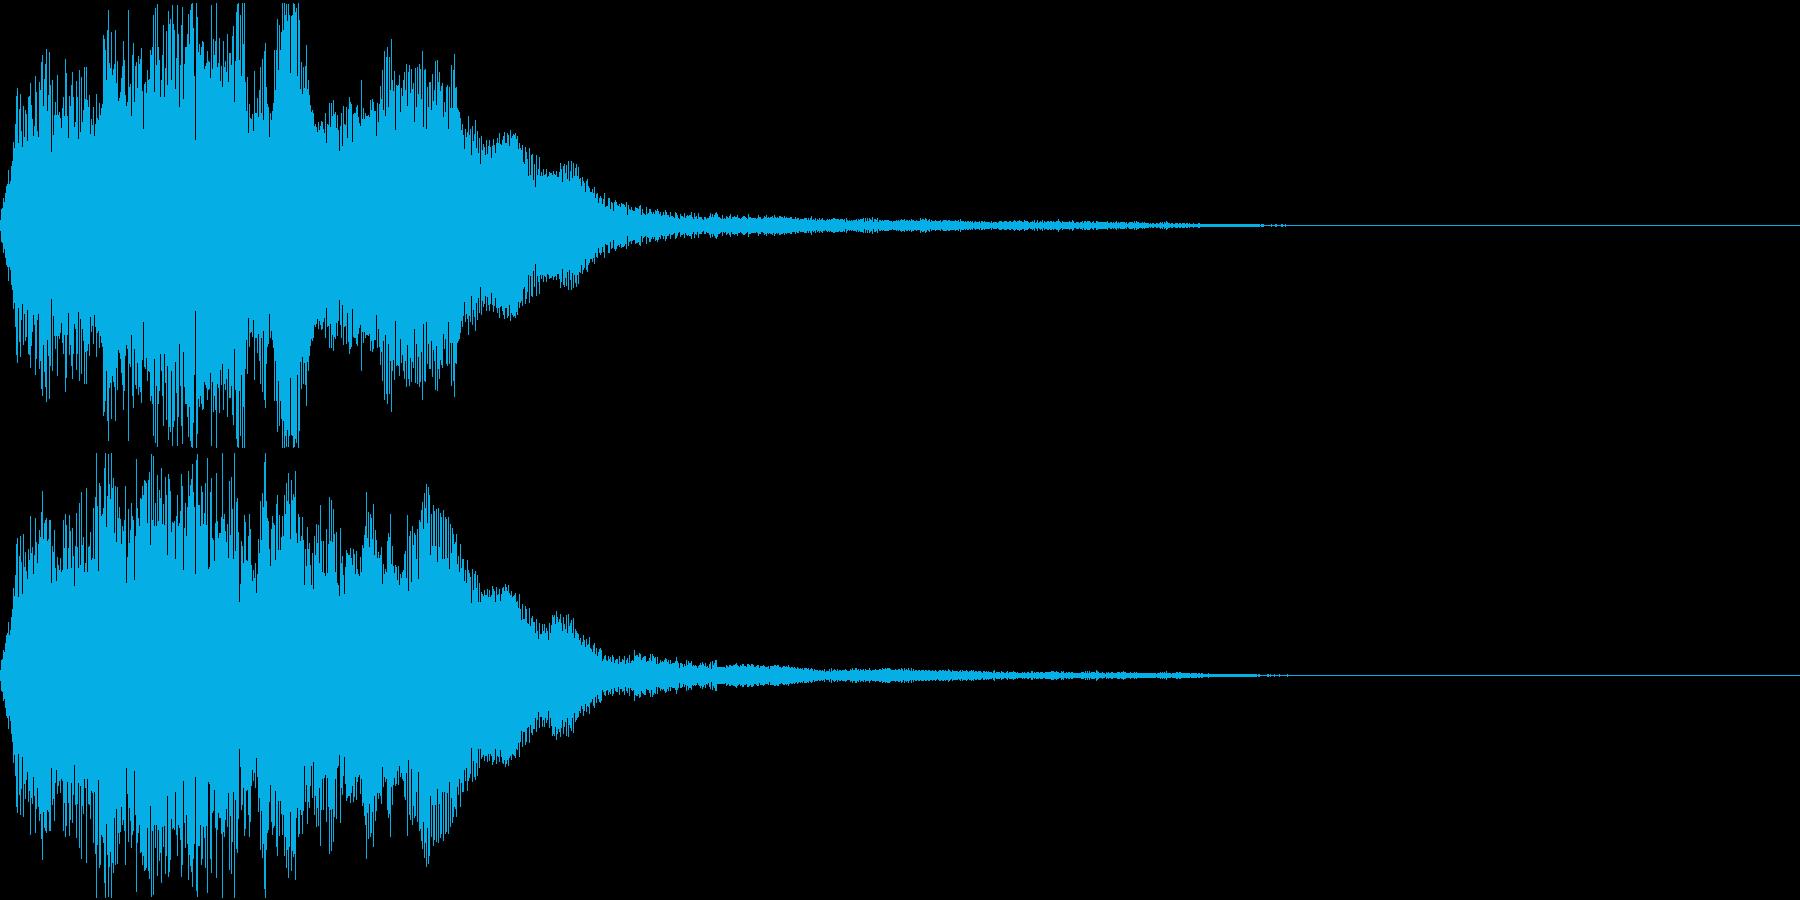 ラッパ ファンファーレ 定番 7 早いの再生済みの波形